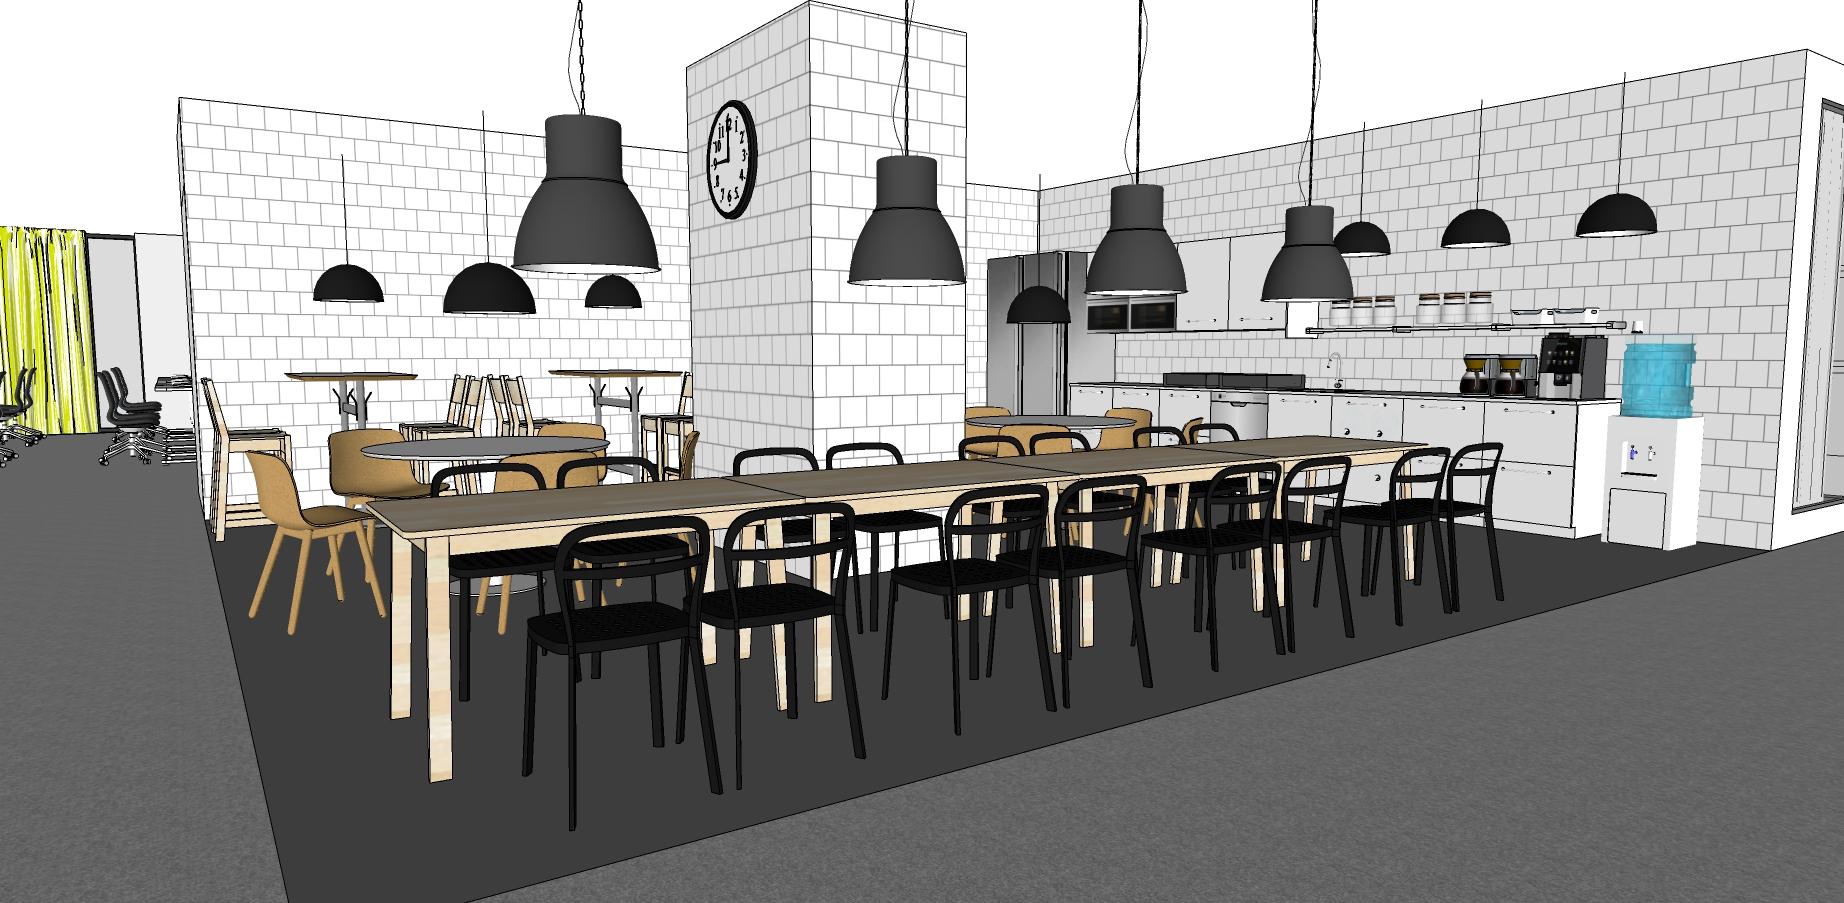 IKEA Vietnam Office Kitchen, Interior Design missfriisdesign